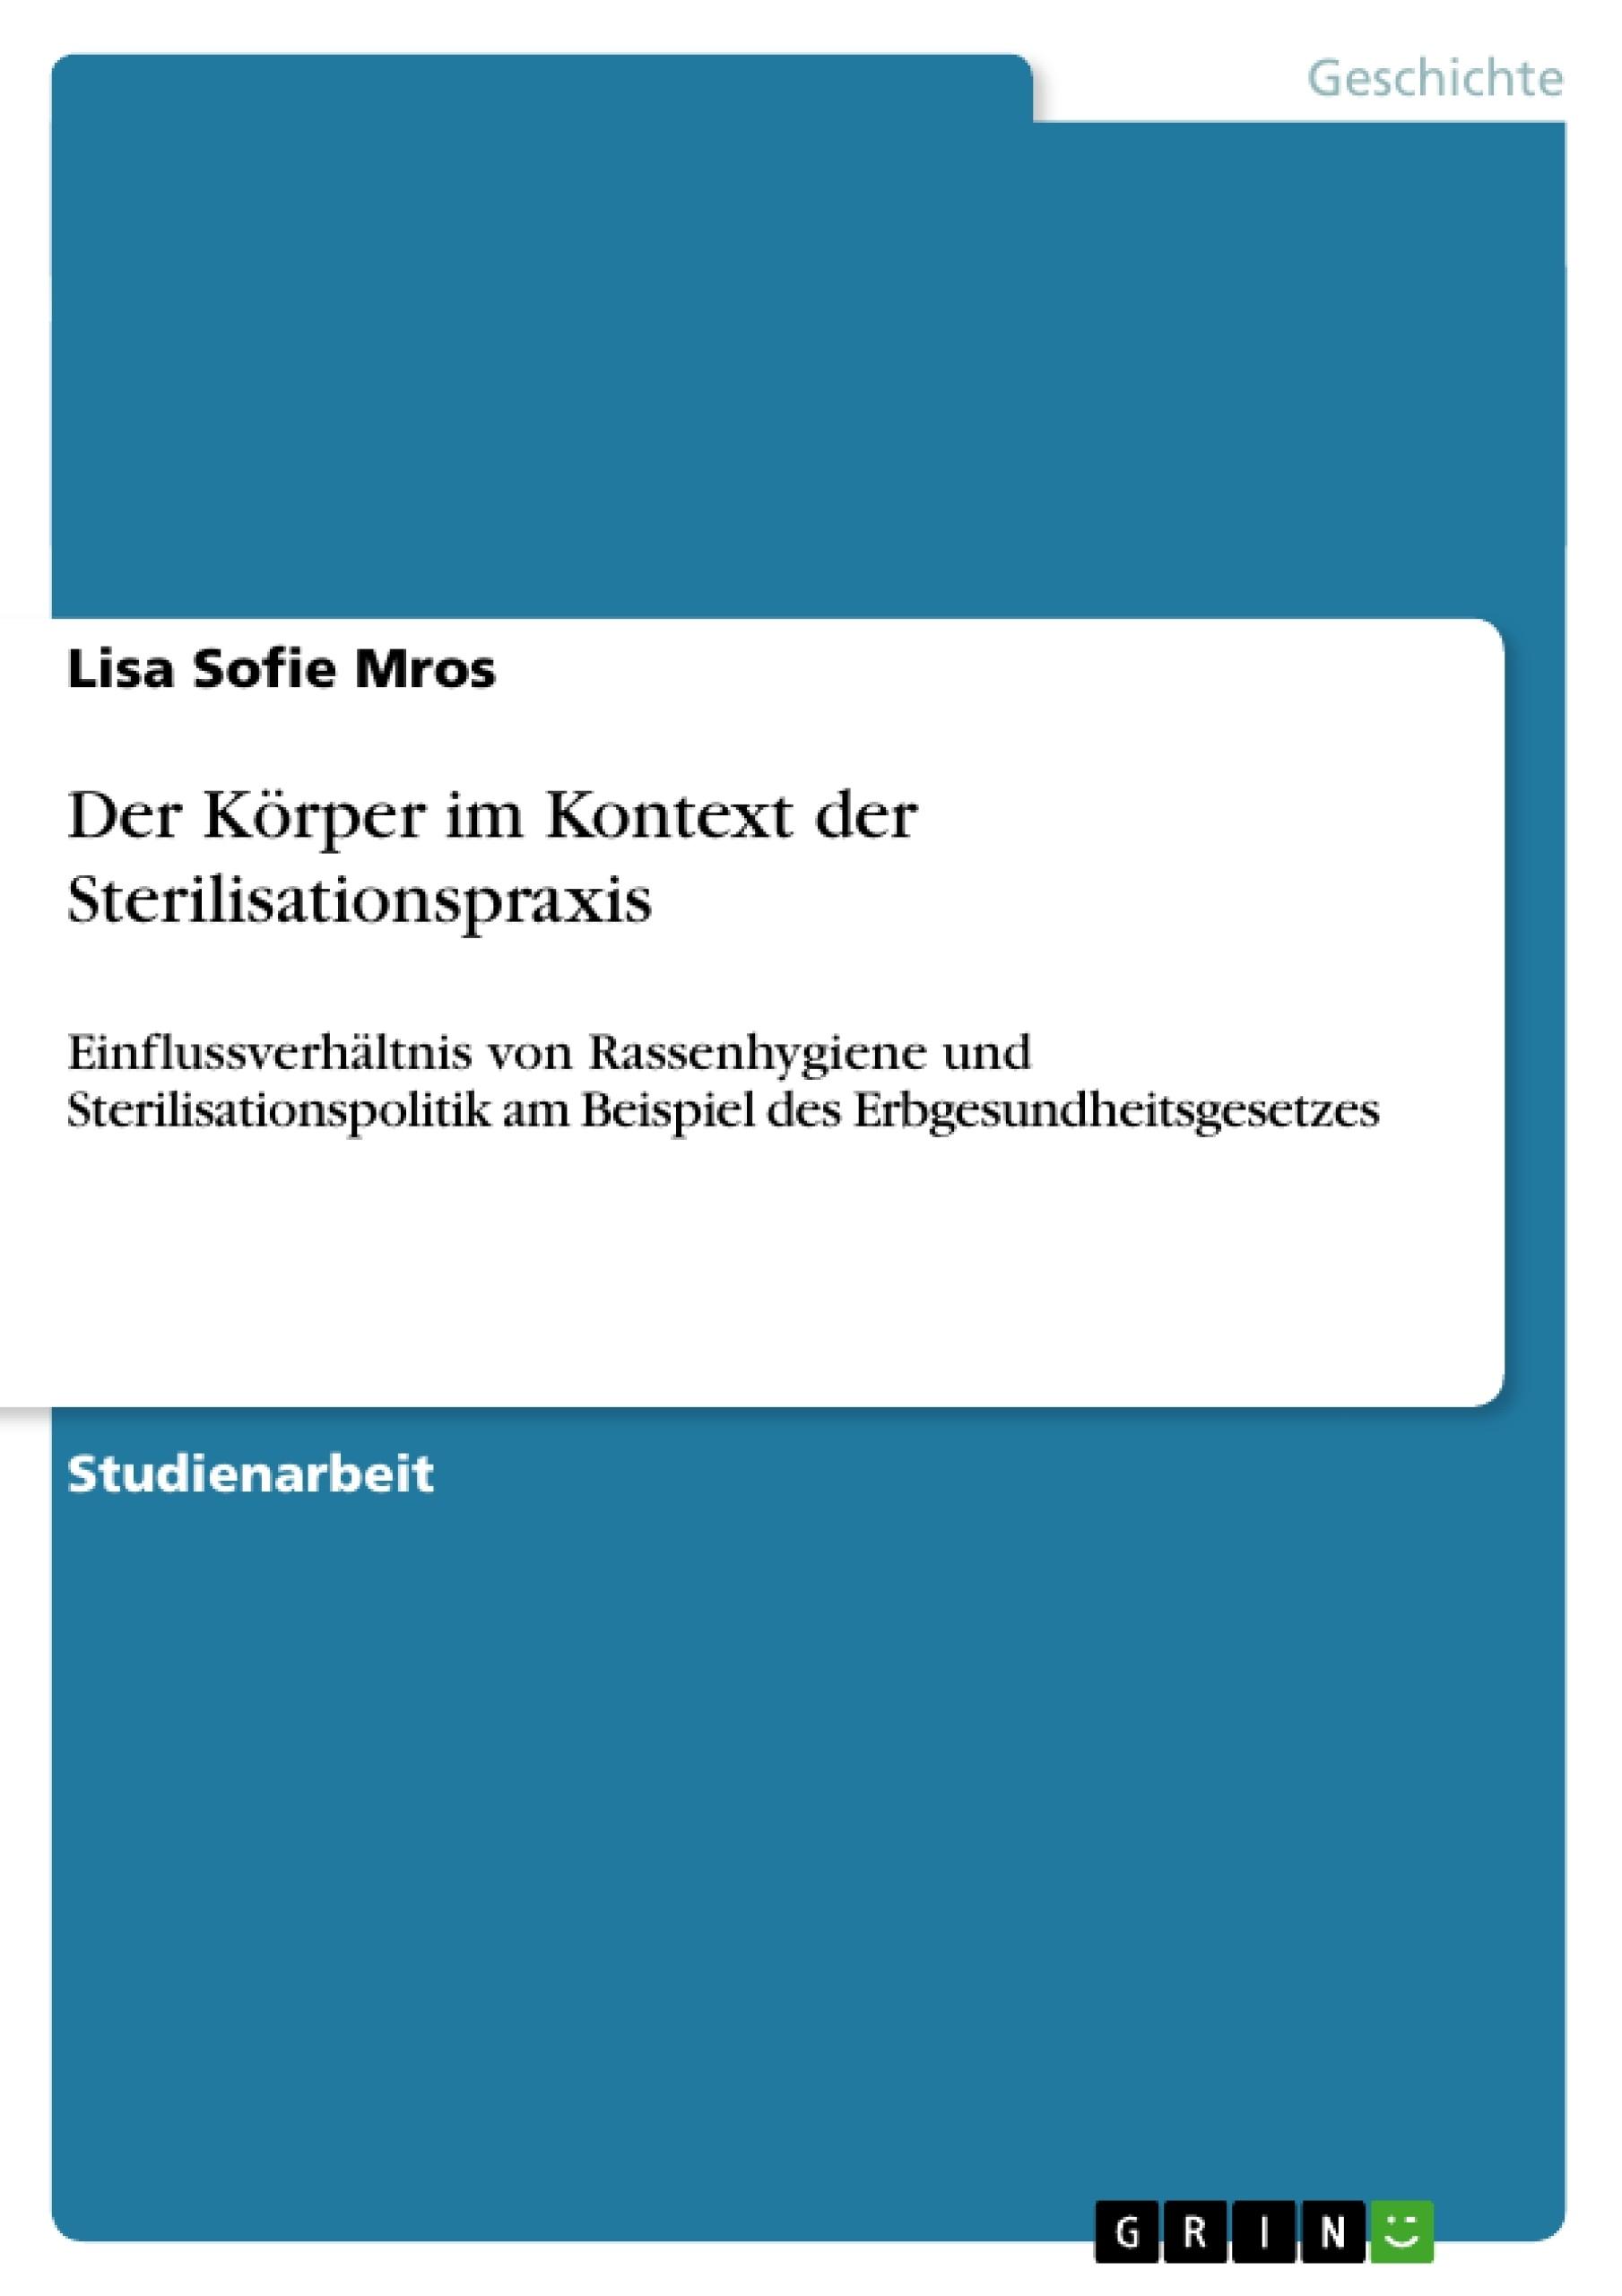 Titel: Der Körper im Kontext der Sterilisationspraxis